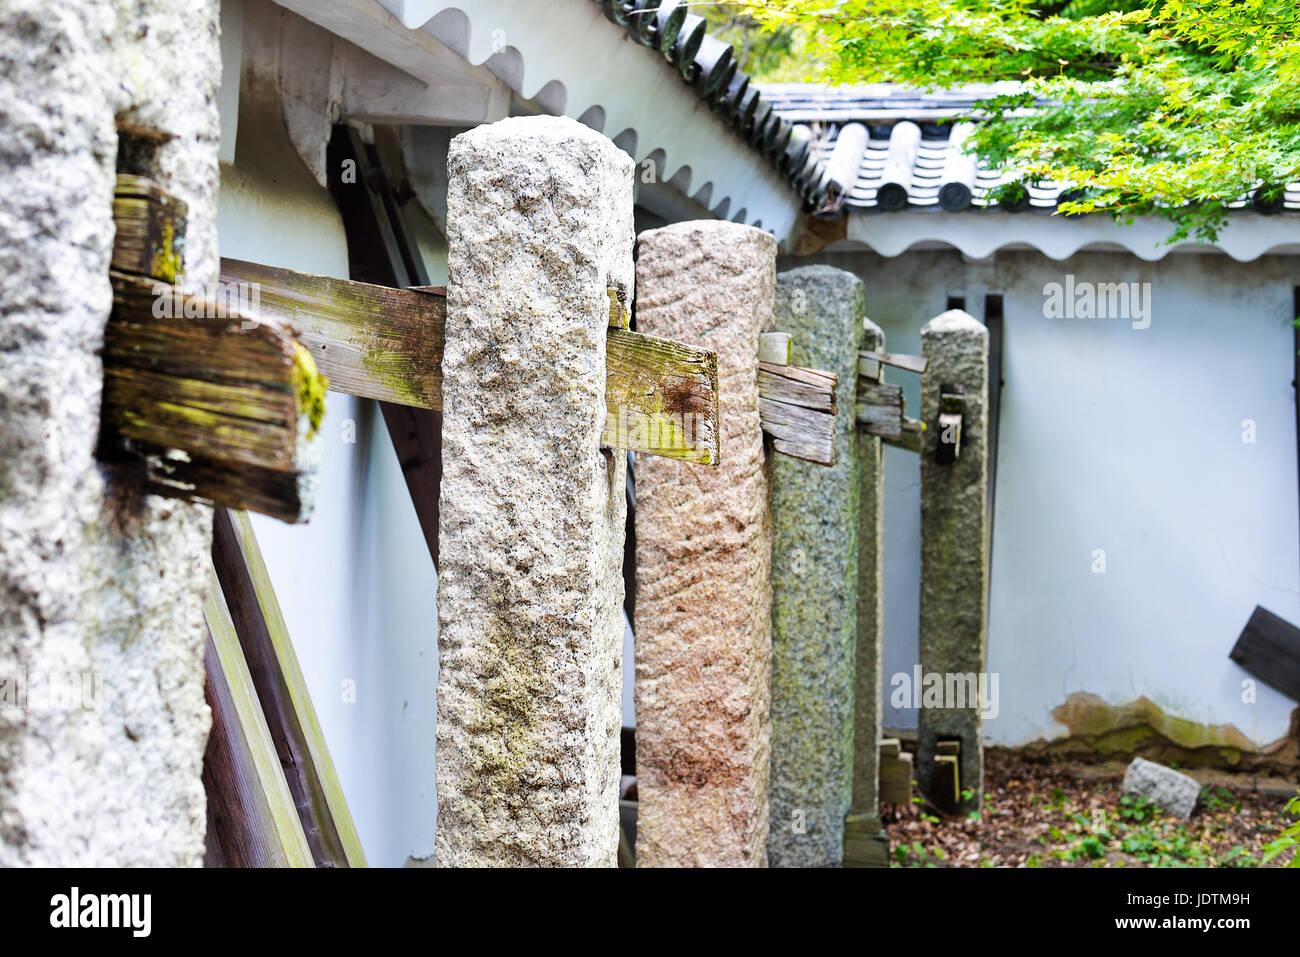 Pareti Esterne In Legno : I contrafforti di legno e di pietra che sorreggono le pareti